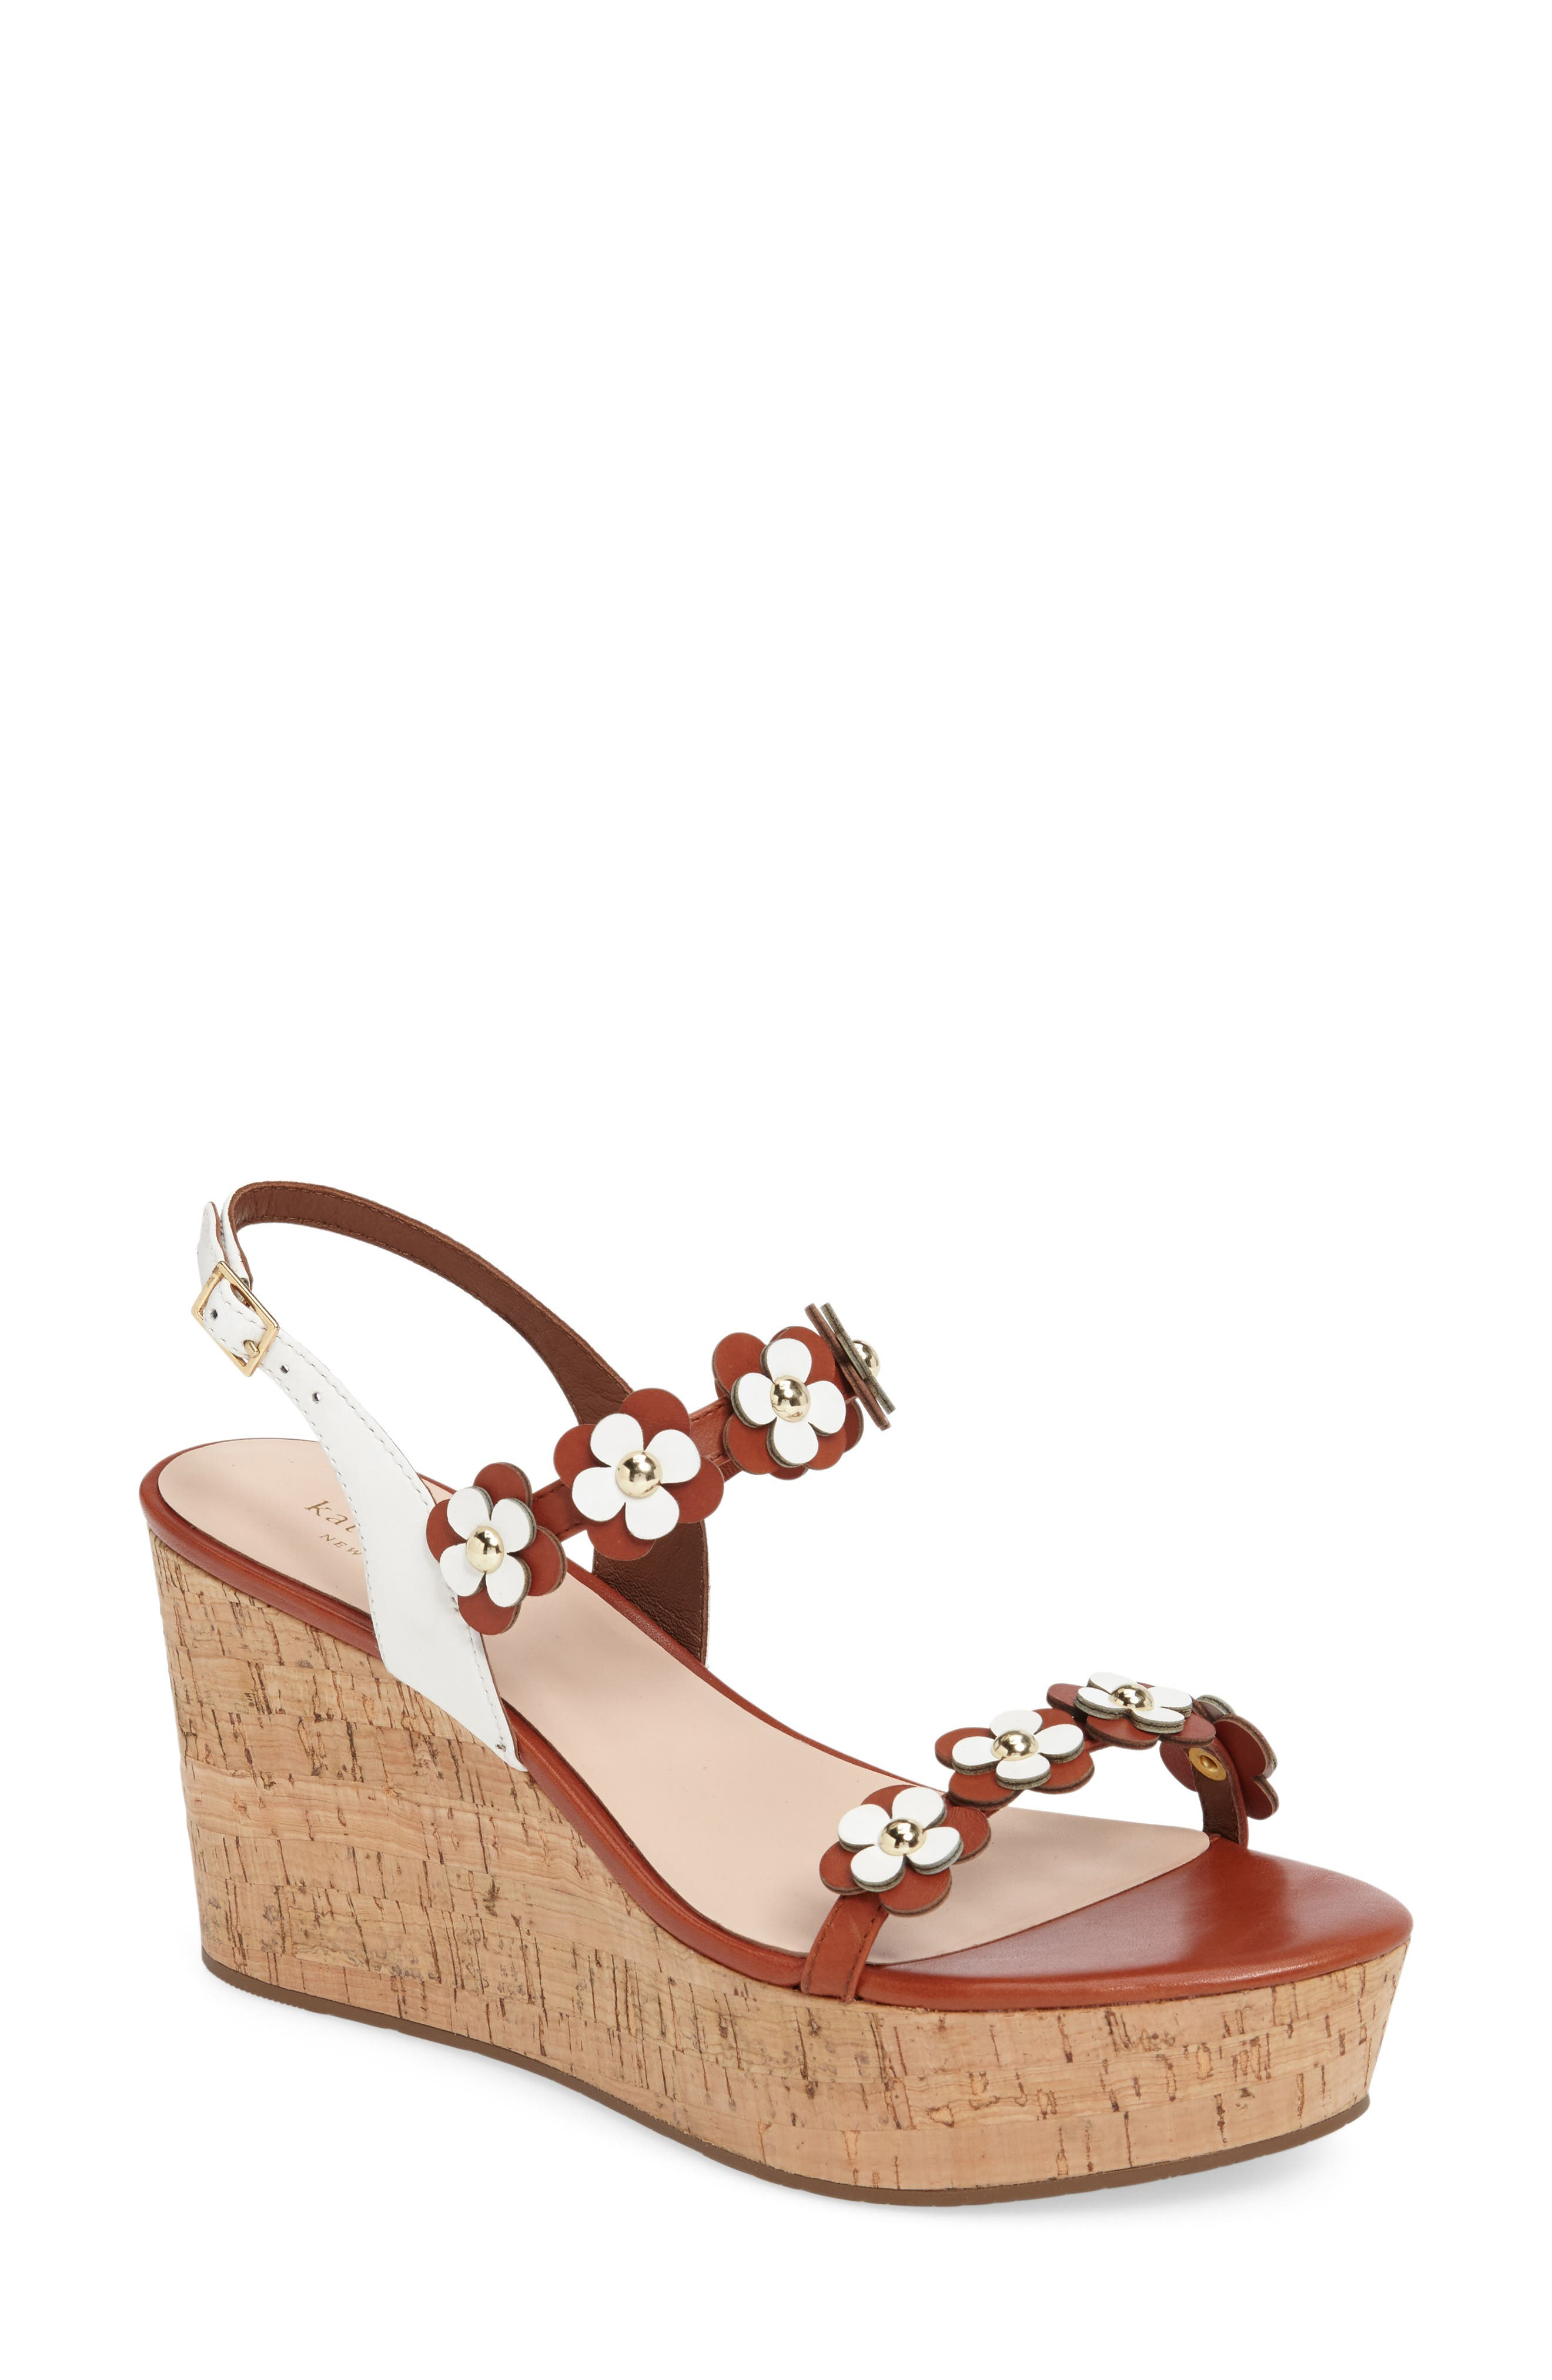 tisdale platform wedge sandal, Main, color, 200